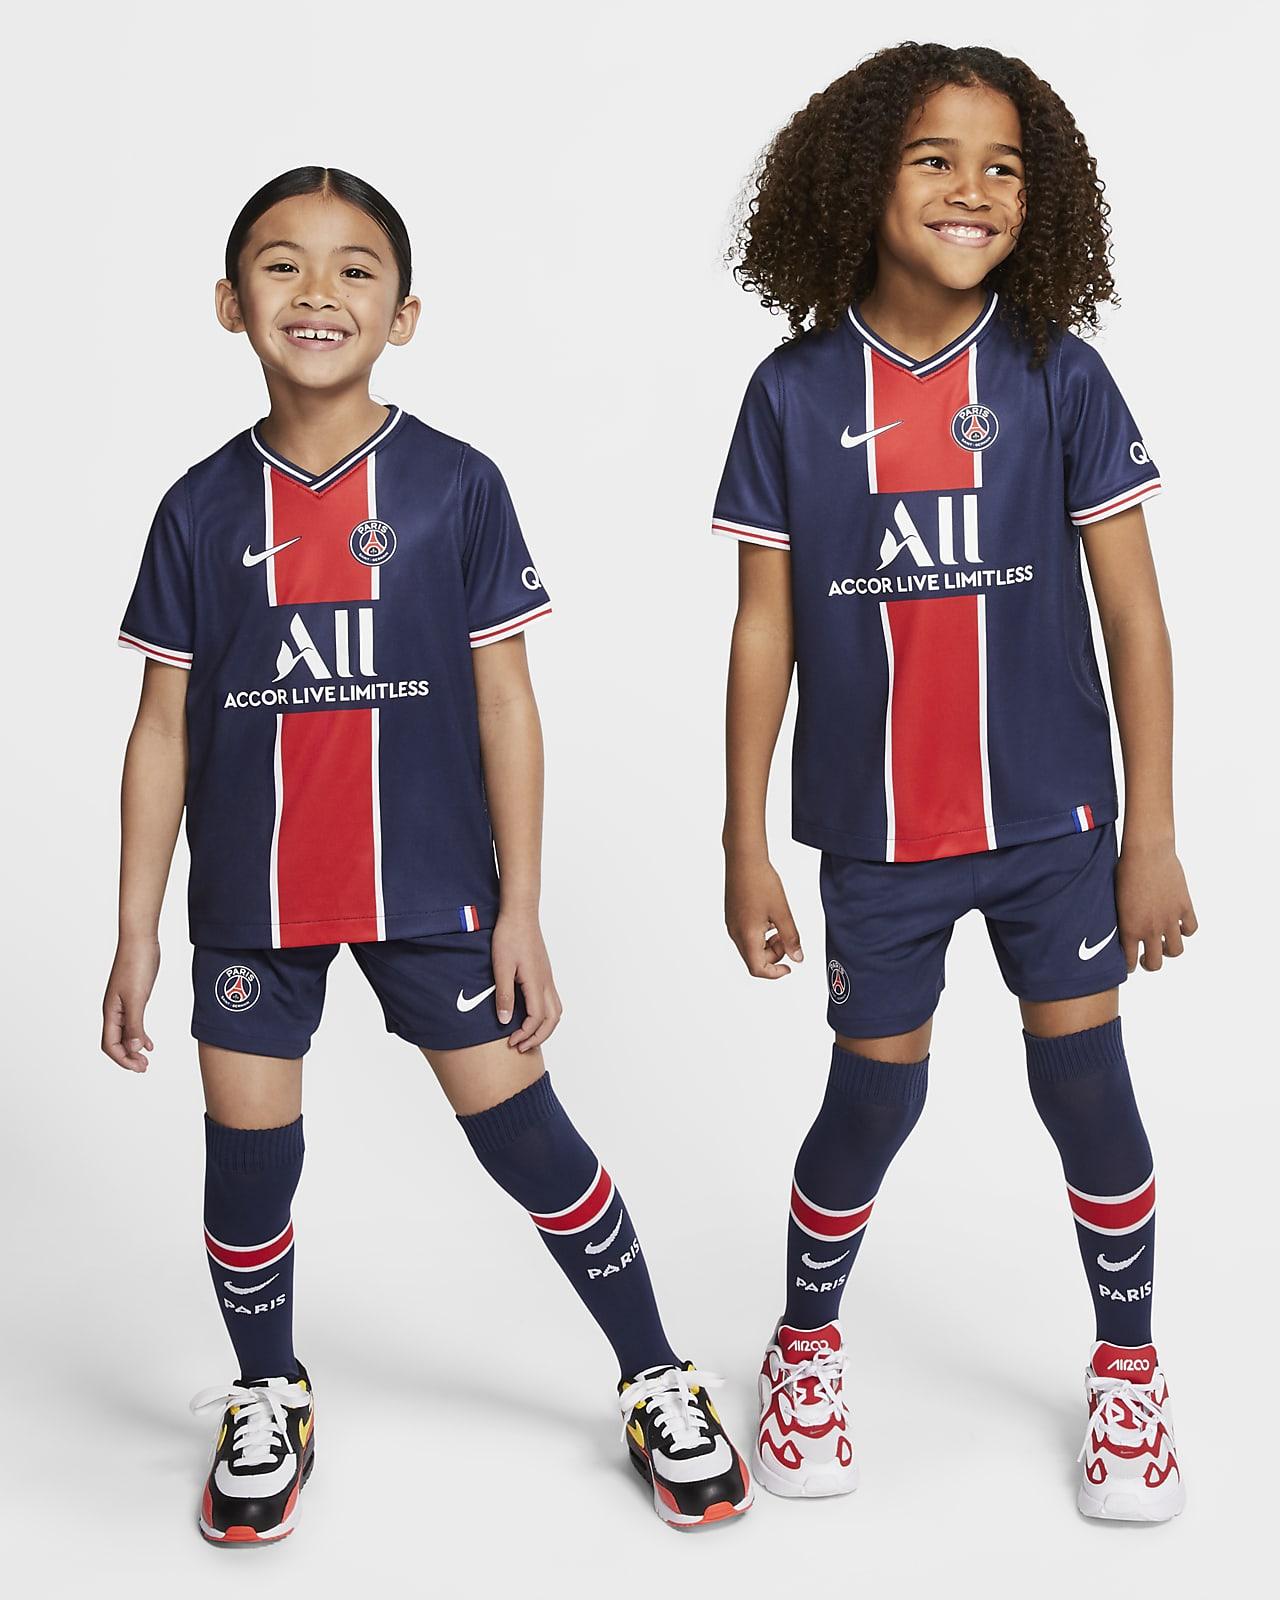 Kit de fútbol de local para niños talla pequeña del Paris Saint-Germain 2020/21